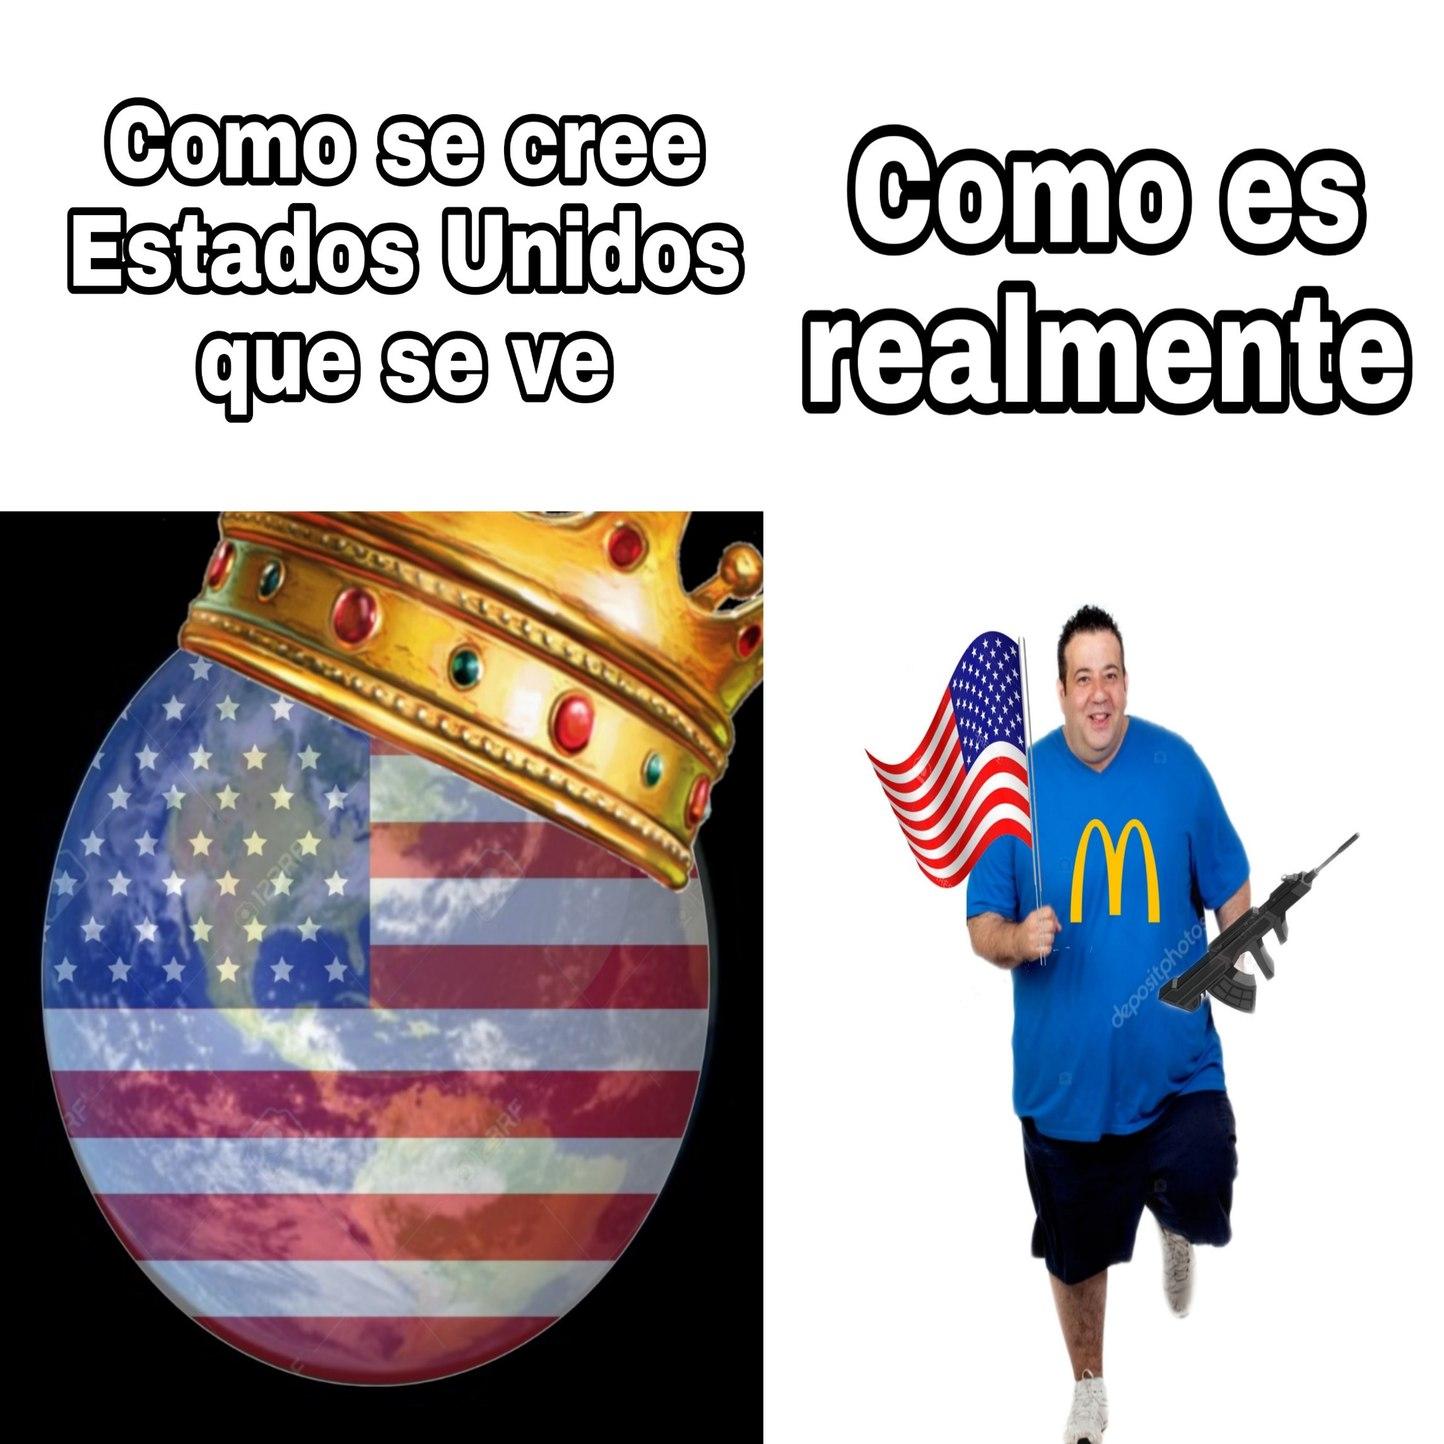 Pobres estadounidenses gordos - meme